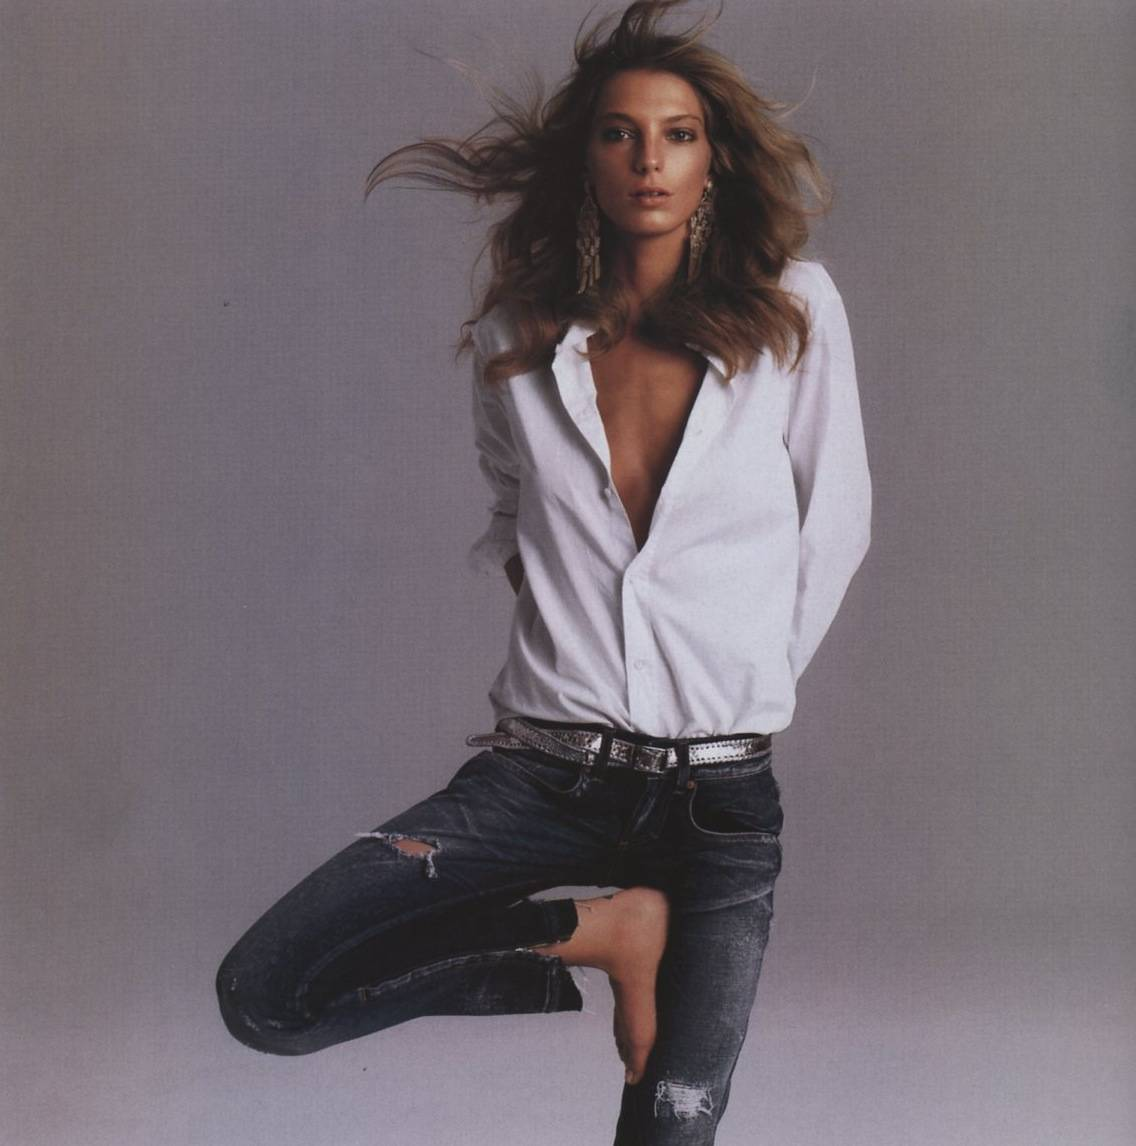 lux spa coimbra classificados x diverso no dia da mulher em torres novas a procura de uma mulher site de classificados acompanhantes